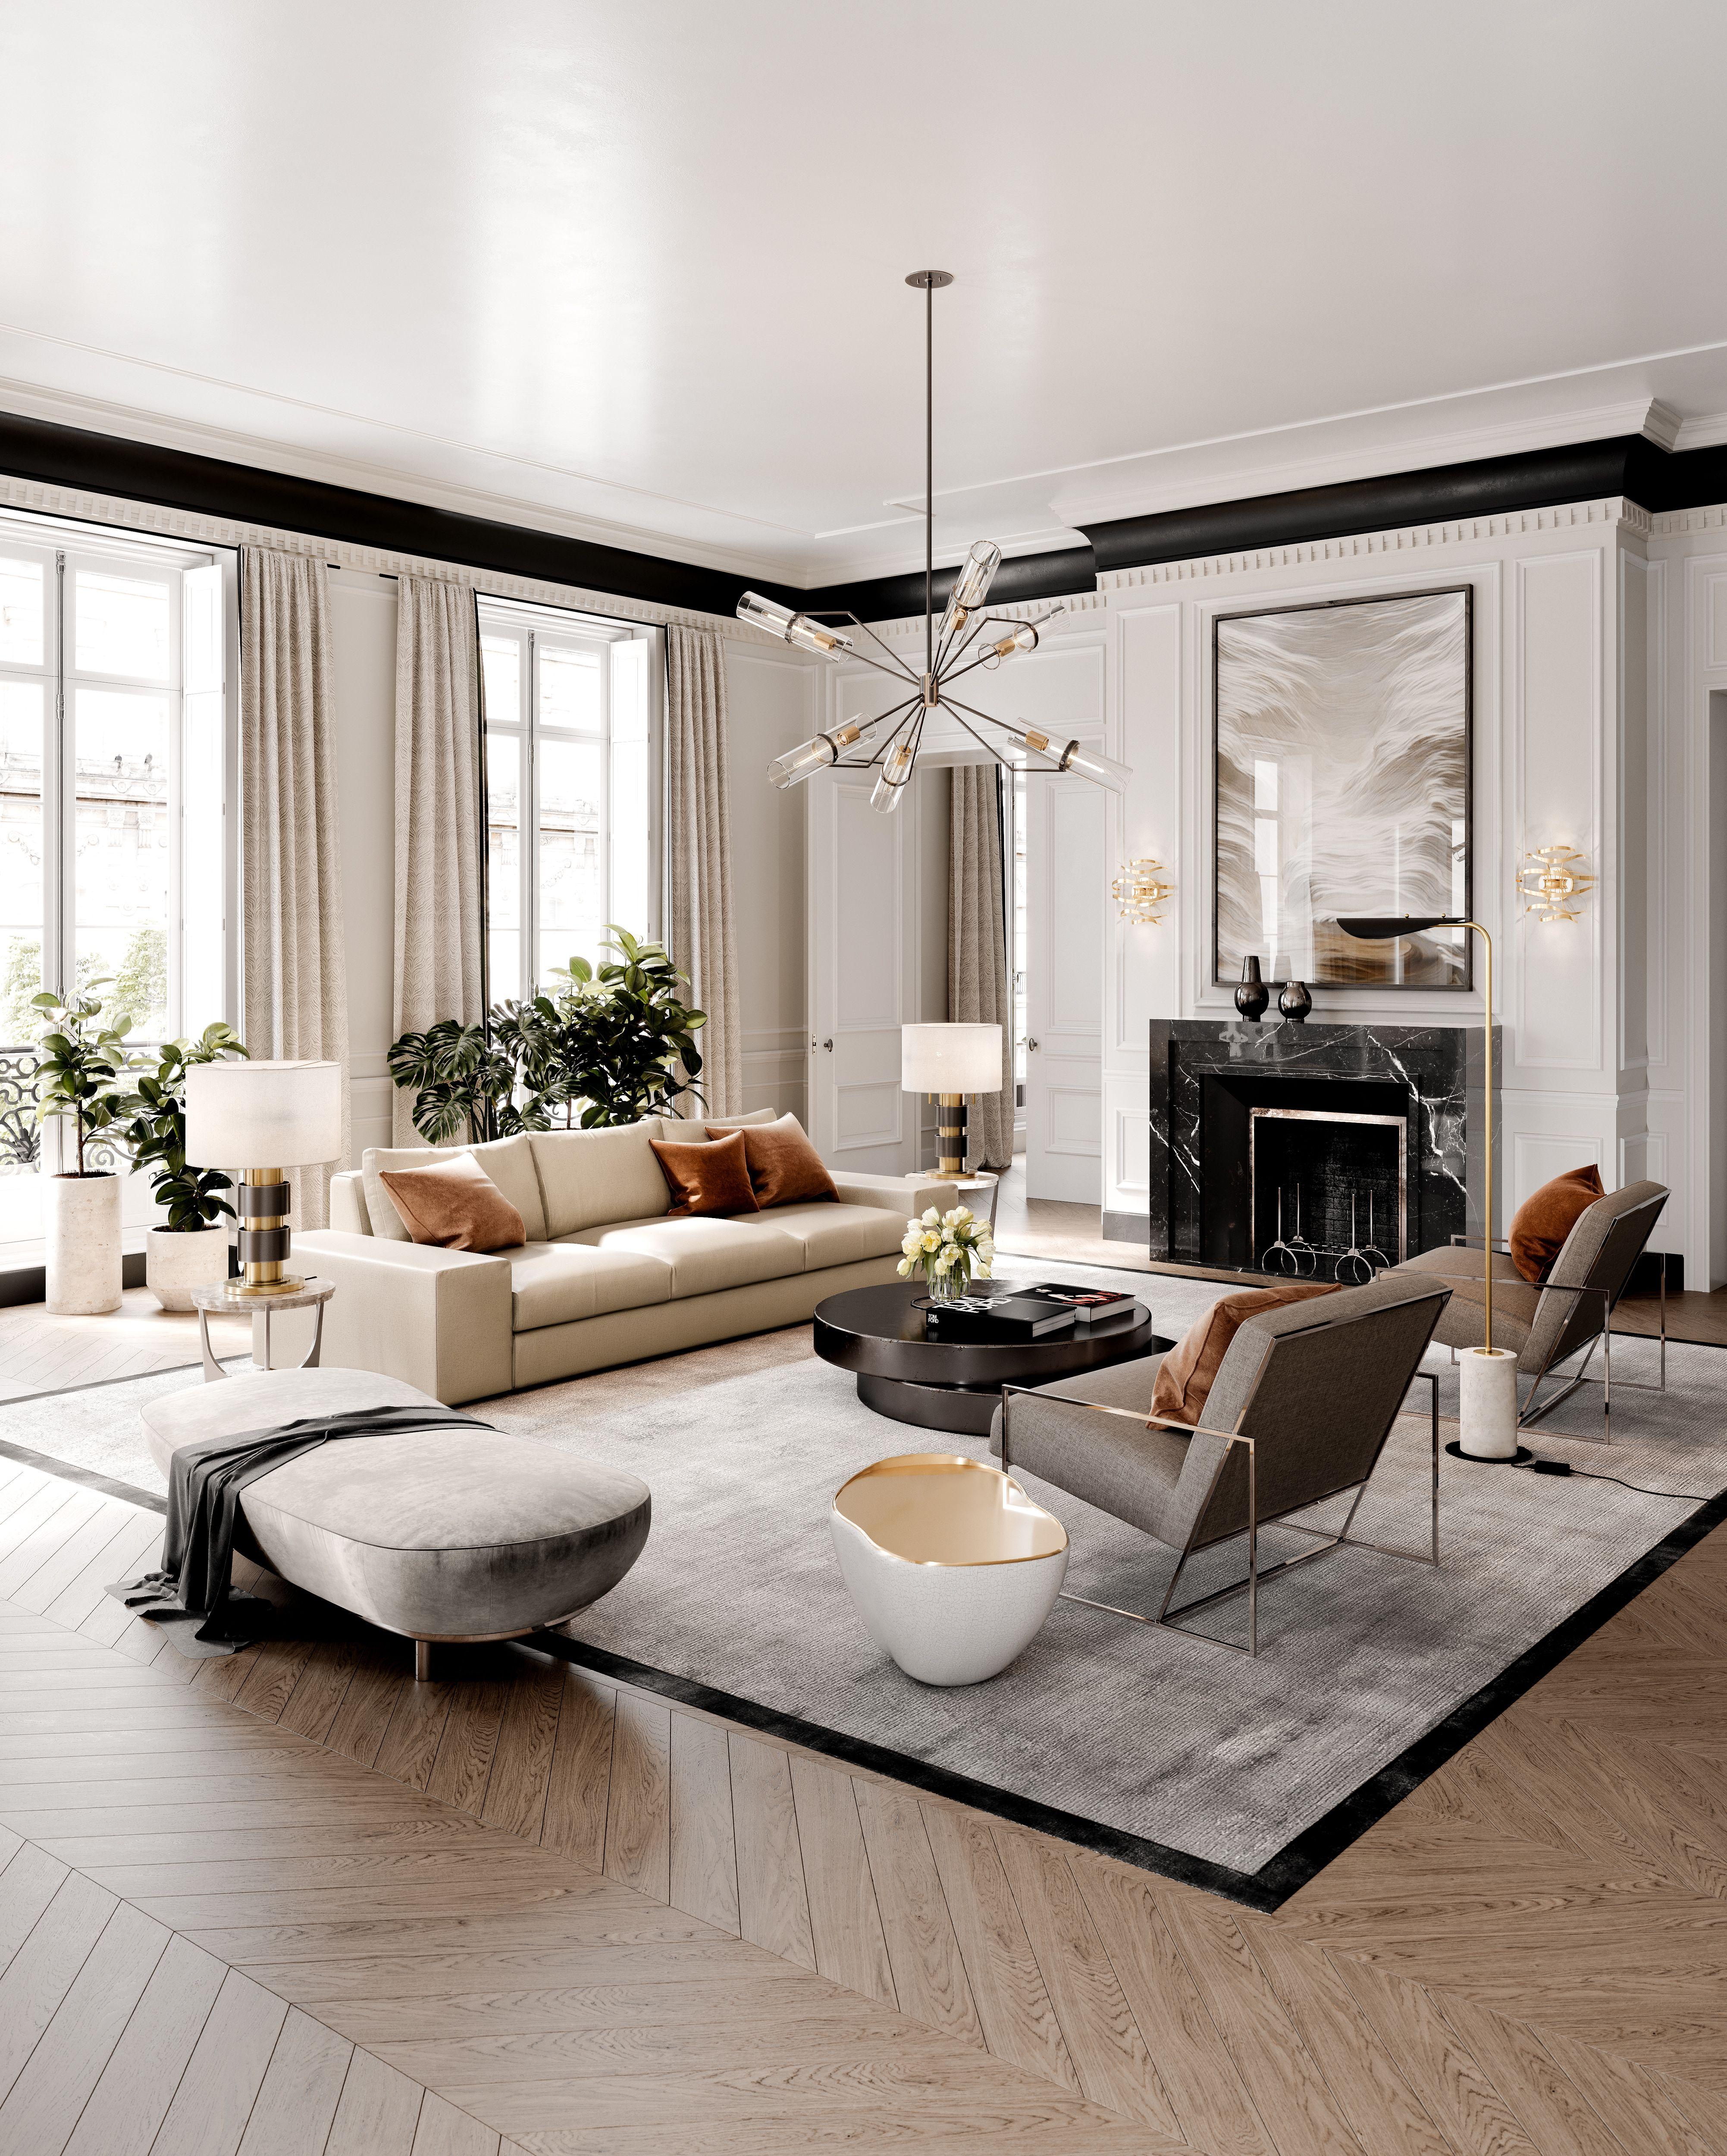 hudson valley lighting group raef chandelier elle decor living room luxury living room house interior